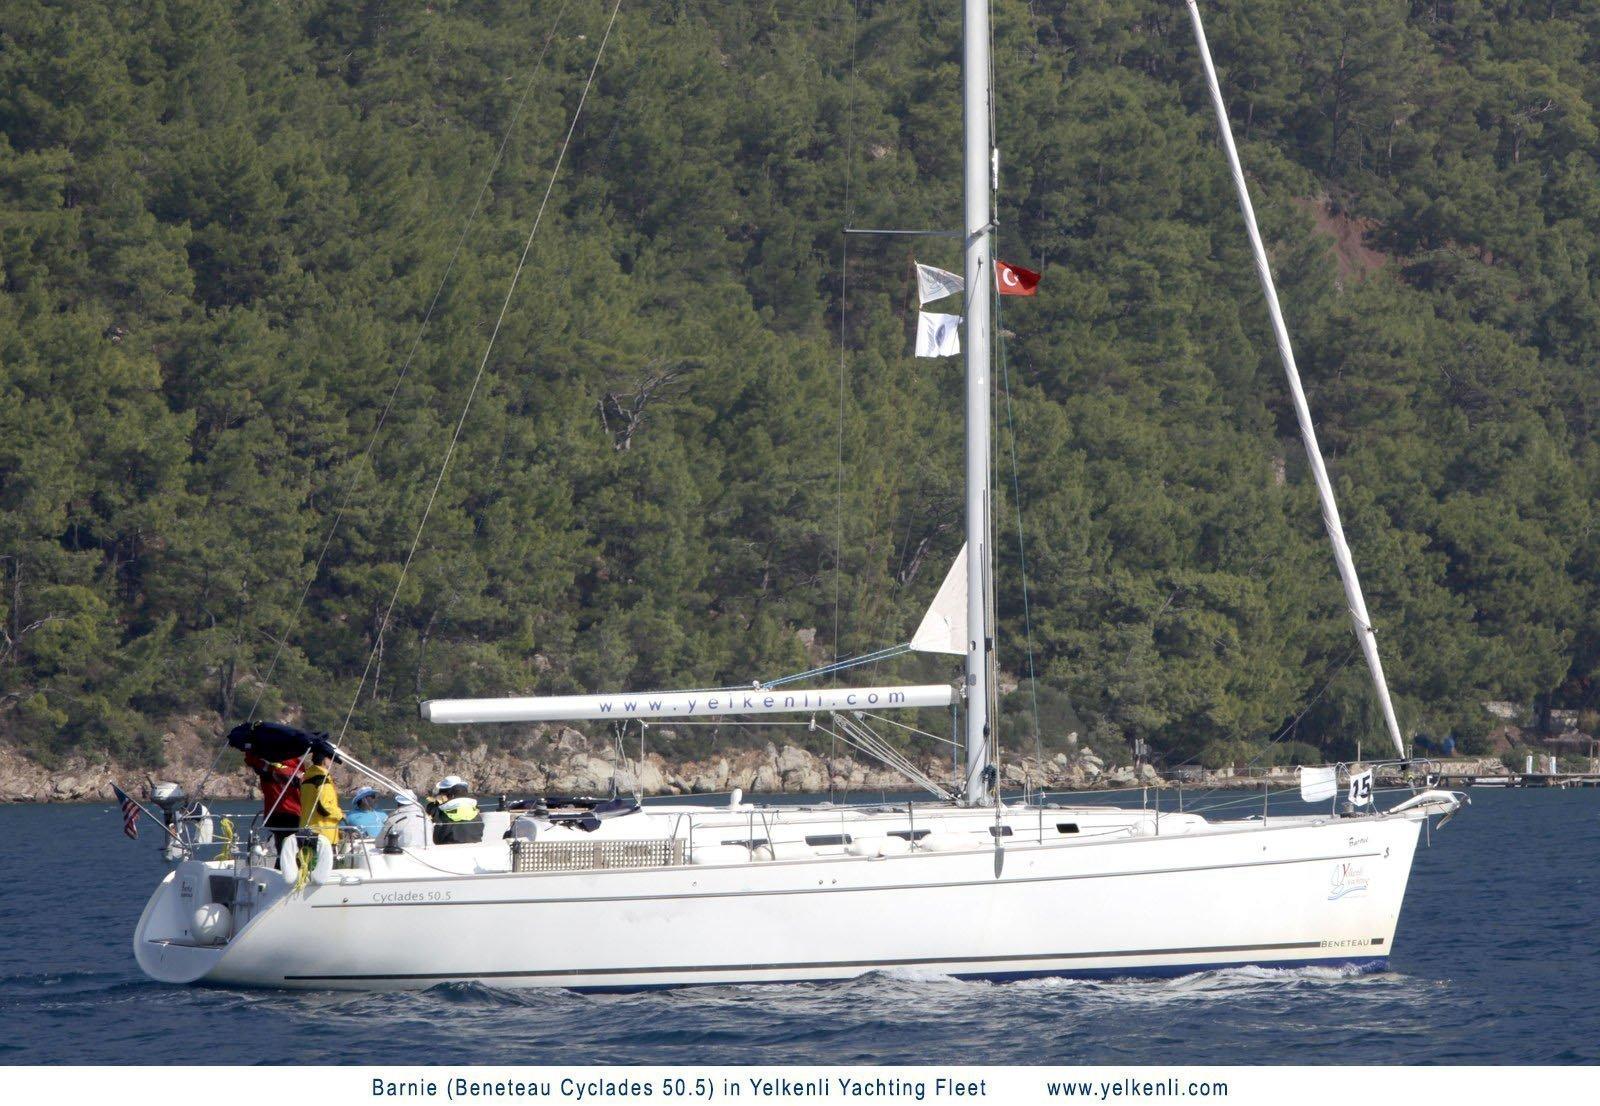 Cyclades 50.5 (Barnie) Sailing - 2